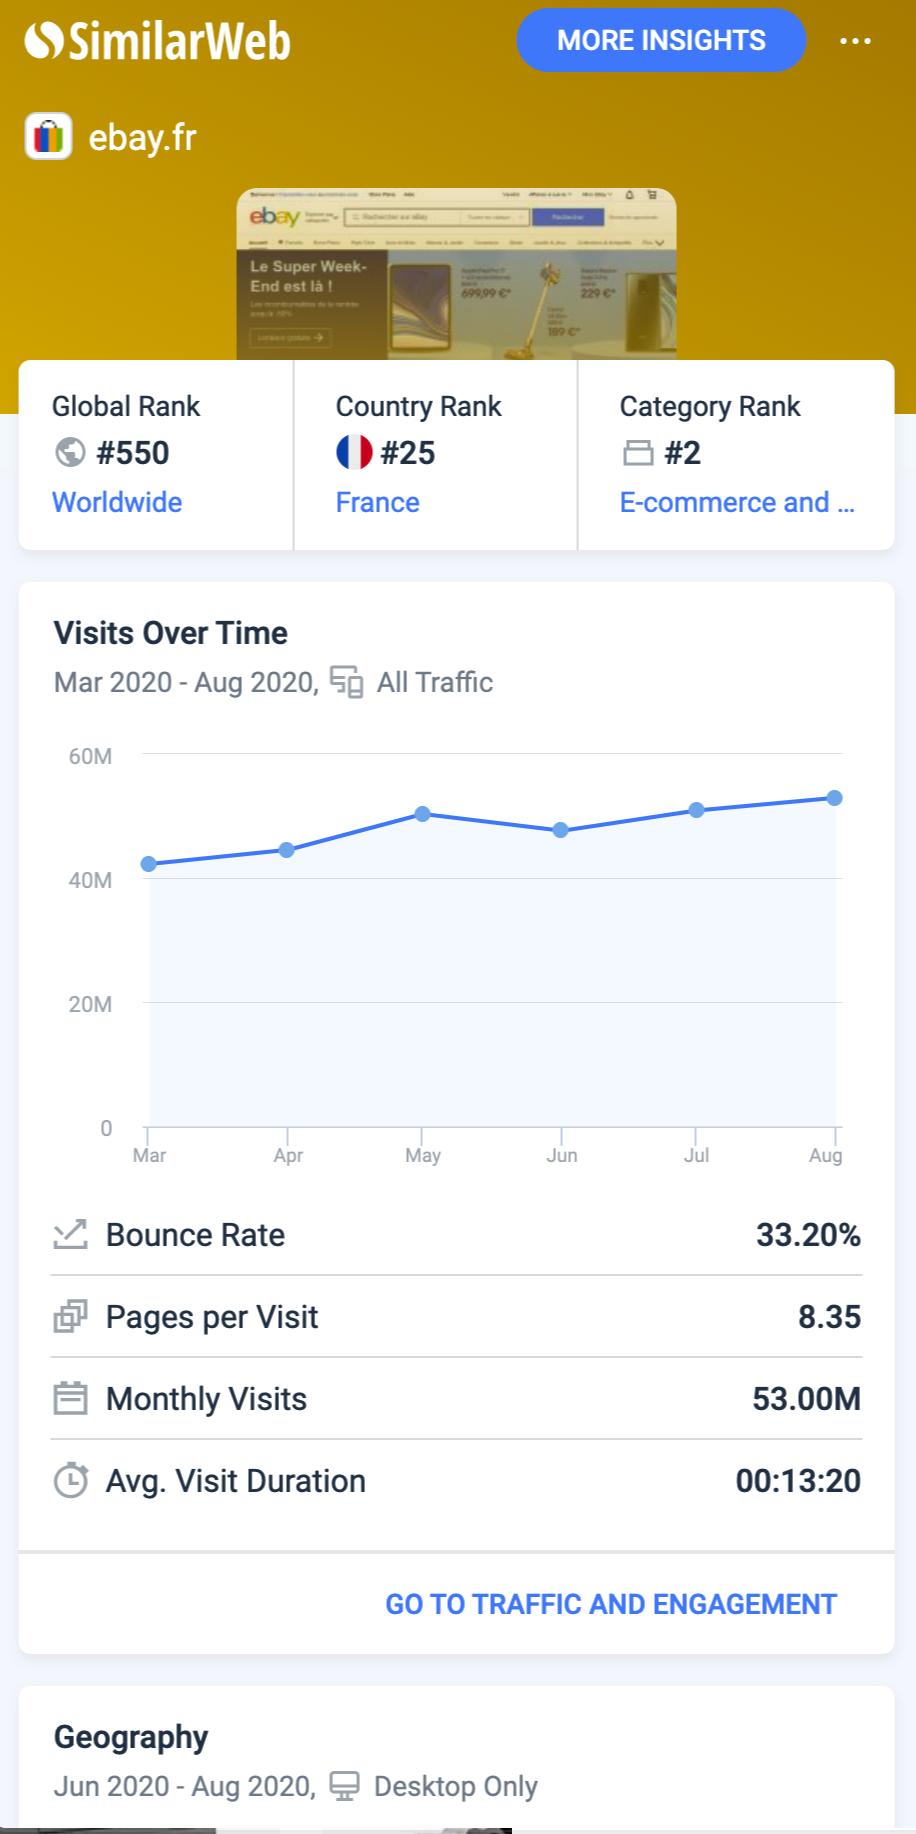 trafic marketplace Ebay. 53 millions de visites mensuels et plus de 171 millions de comptes actifs, tout ça mesuré avec SimilarWeb